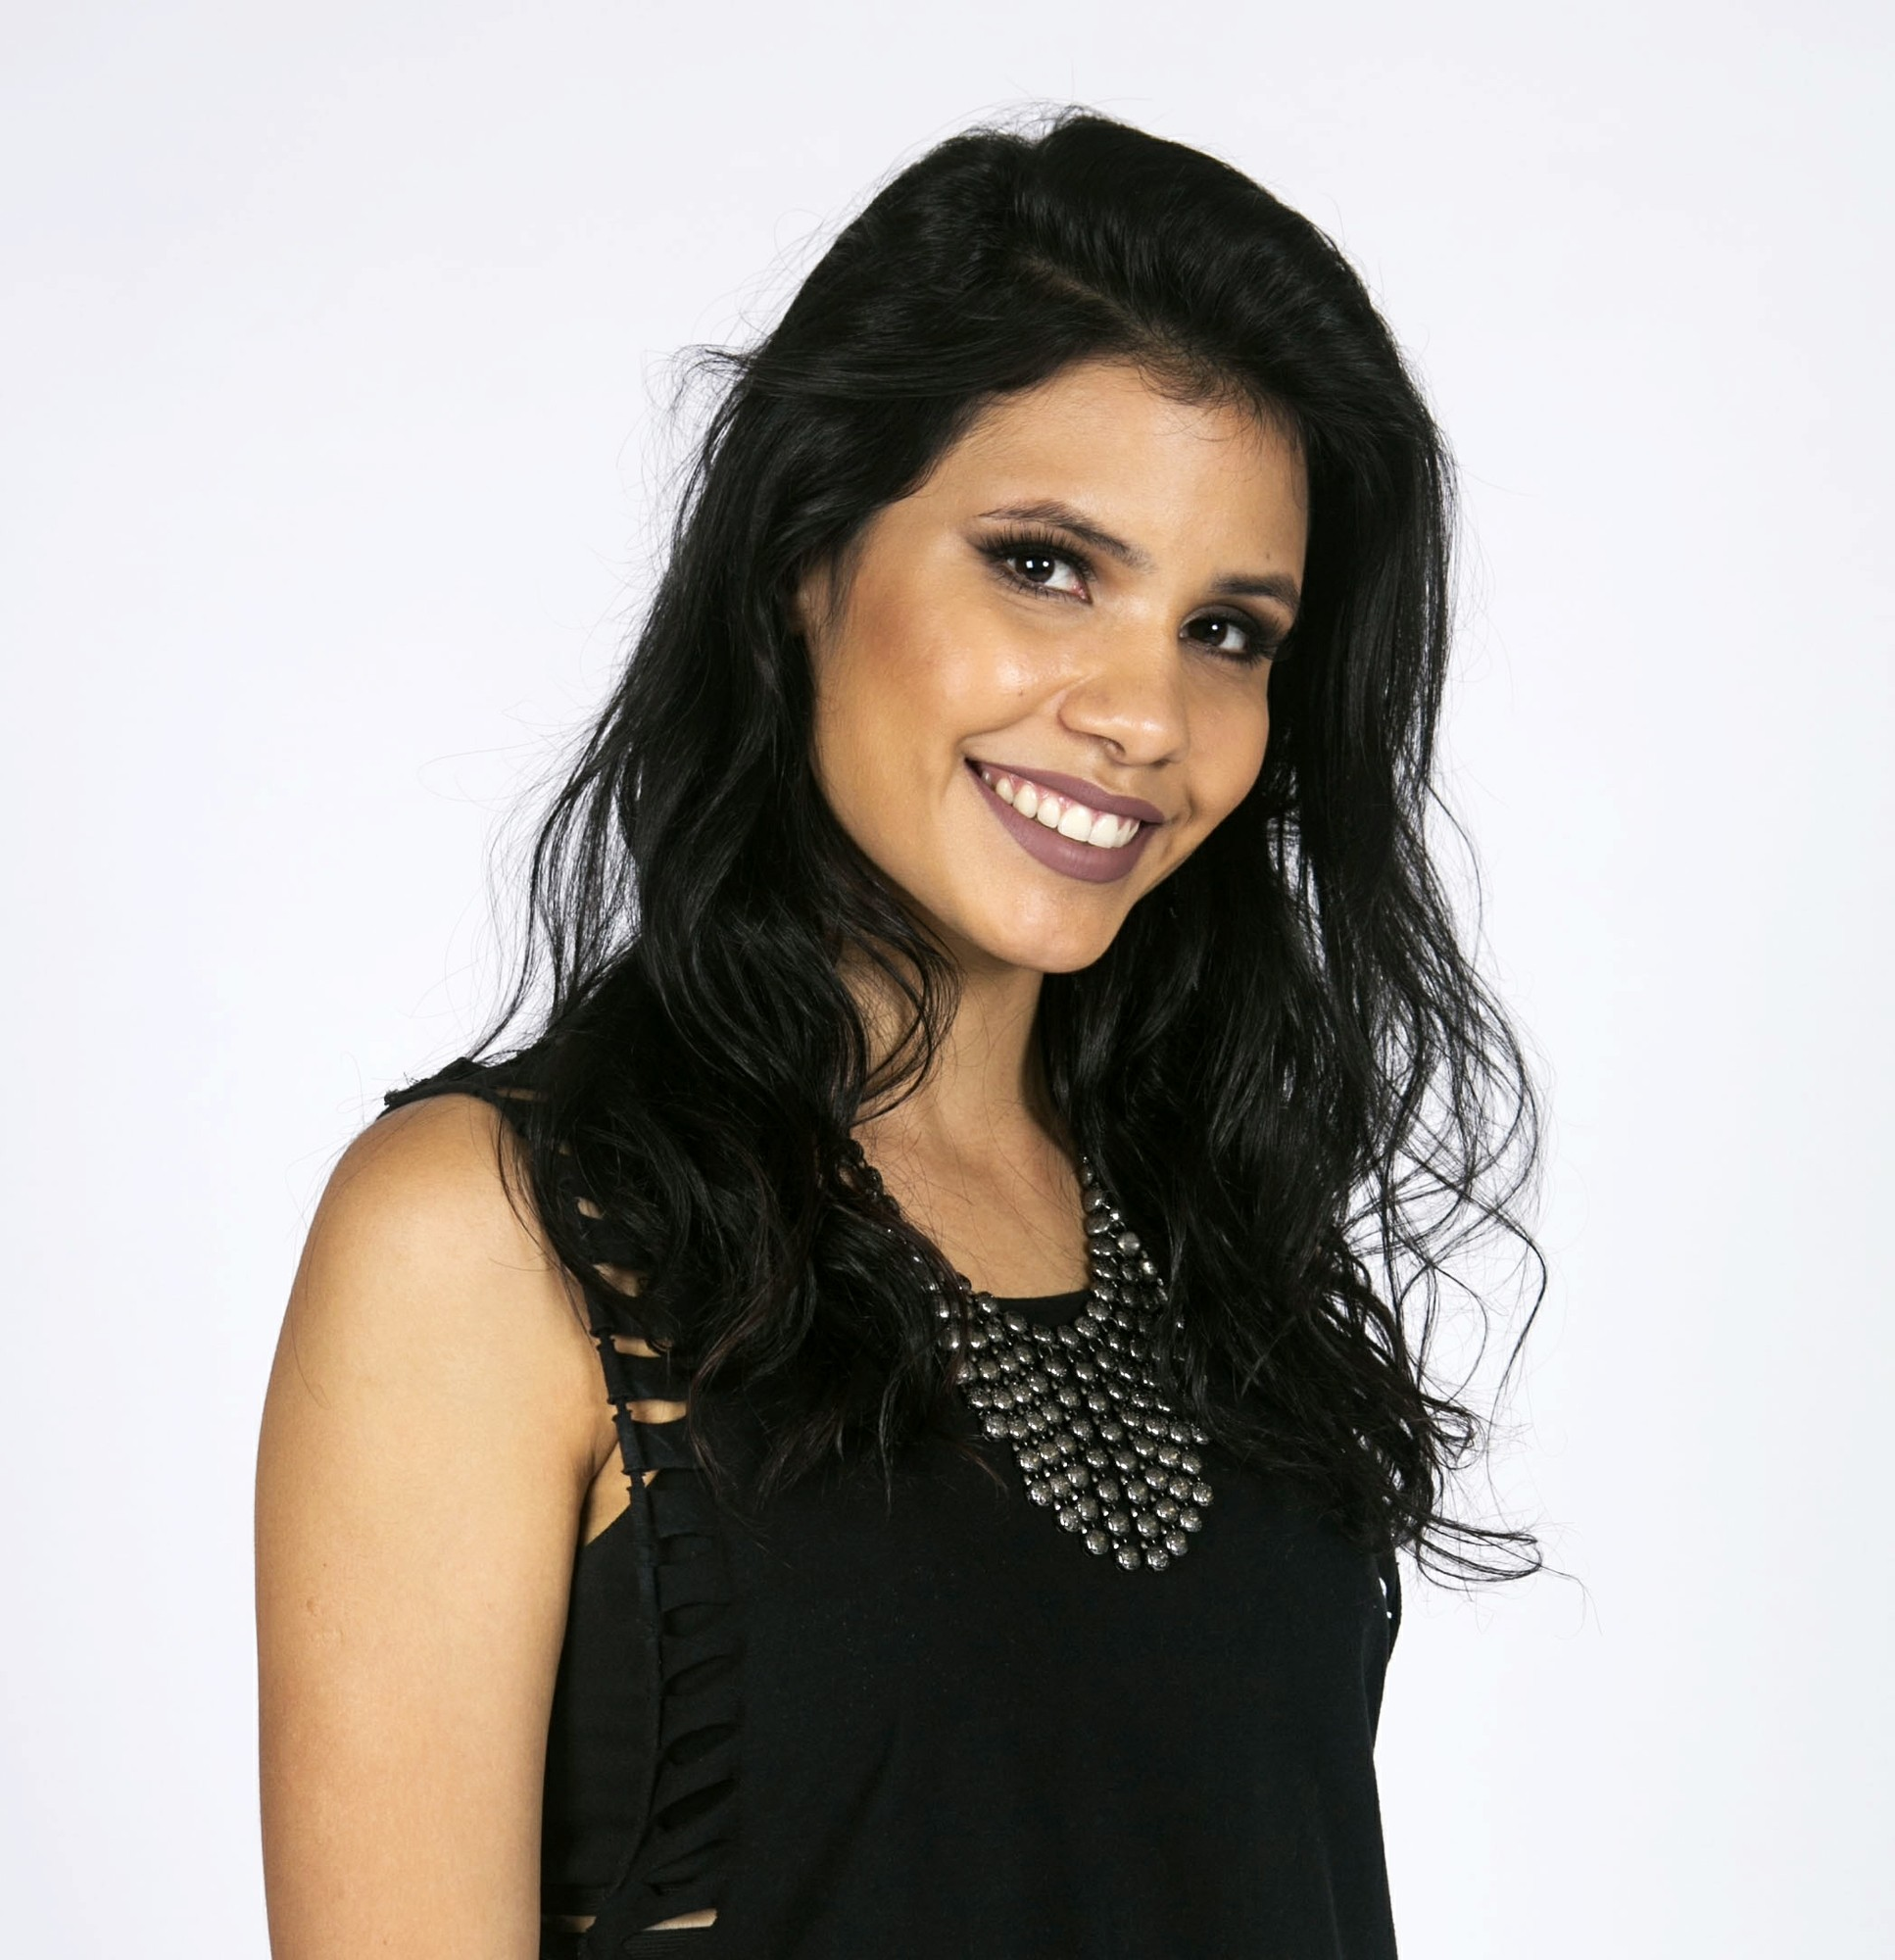 Danielle Dias